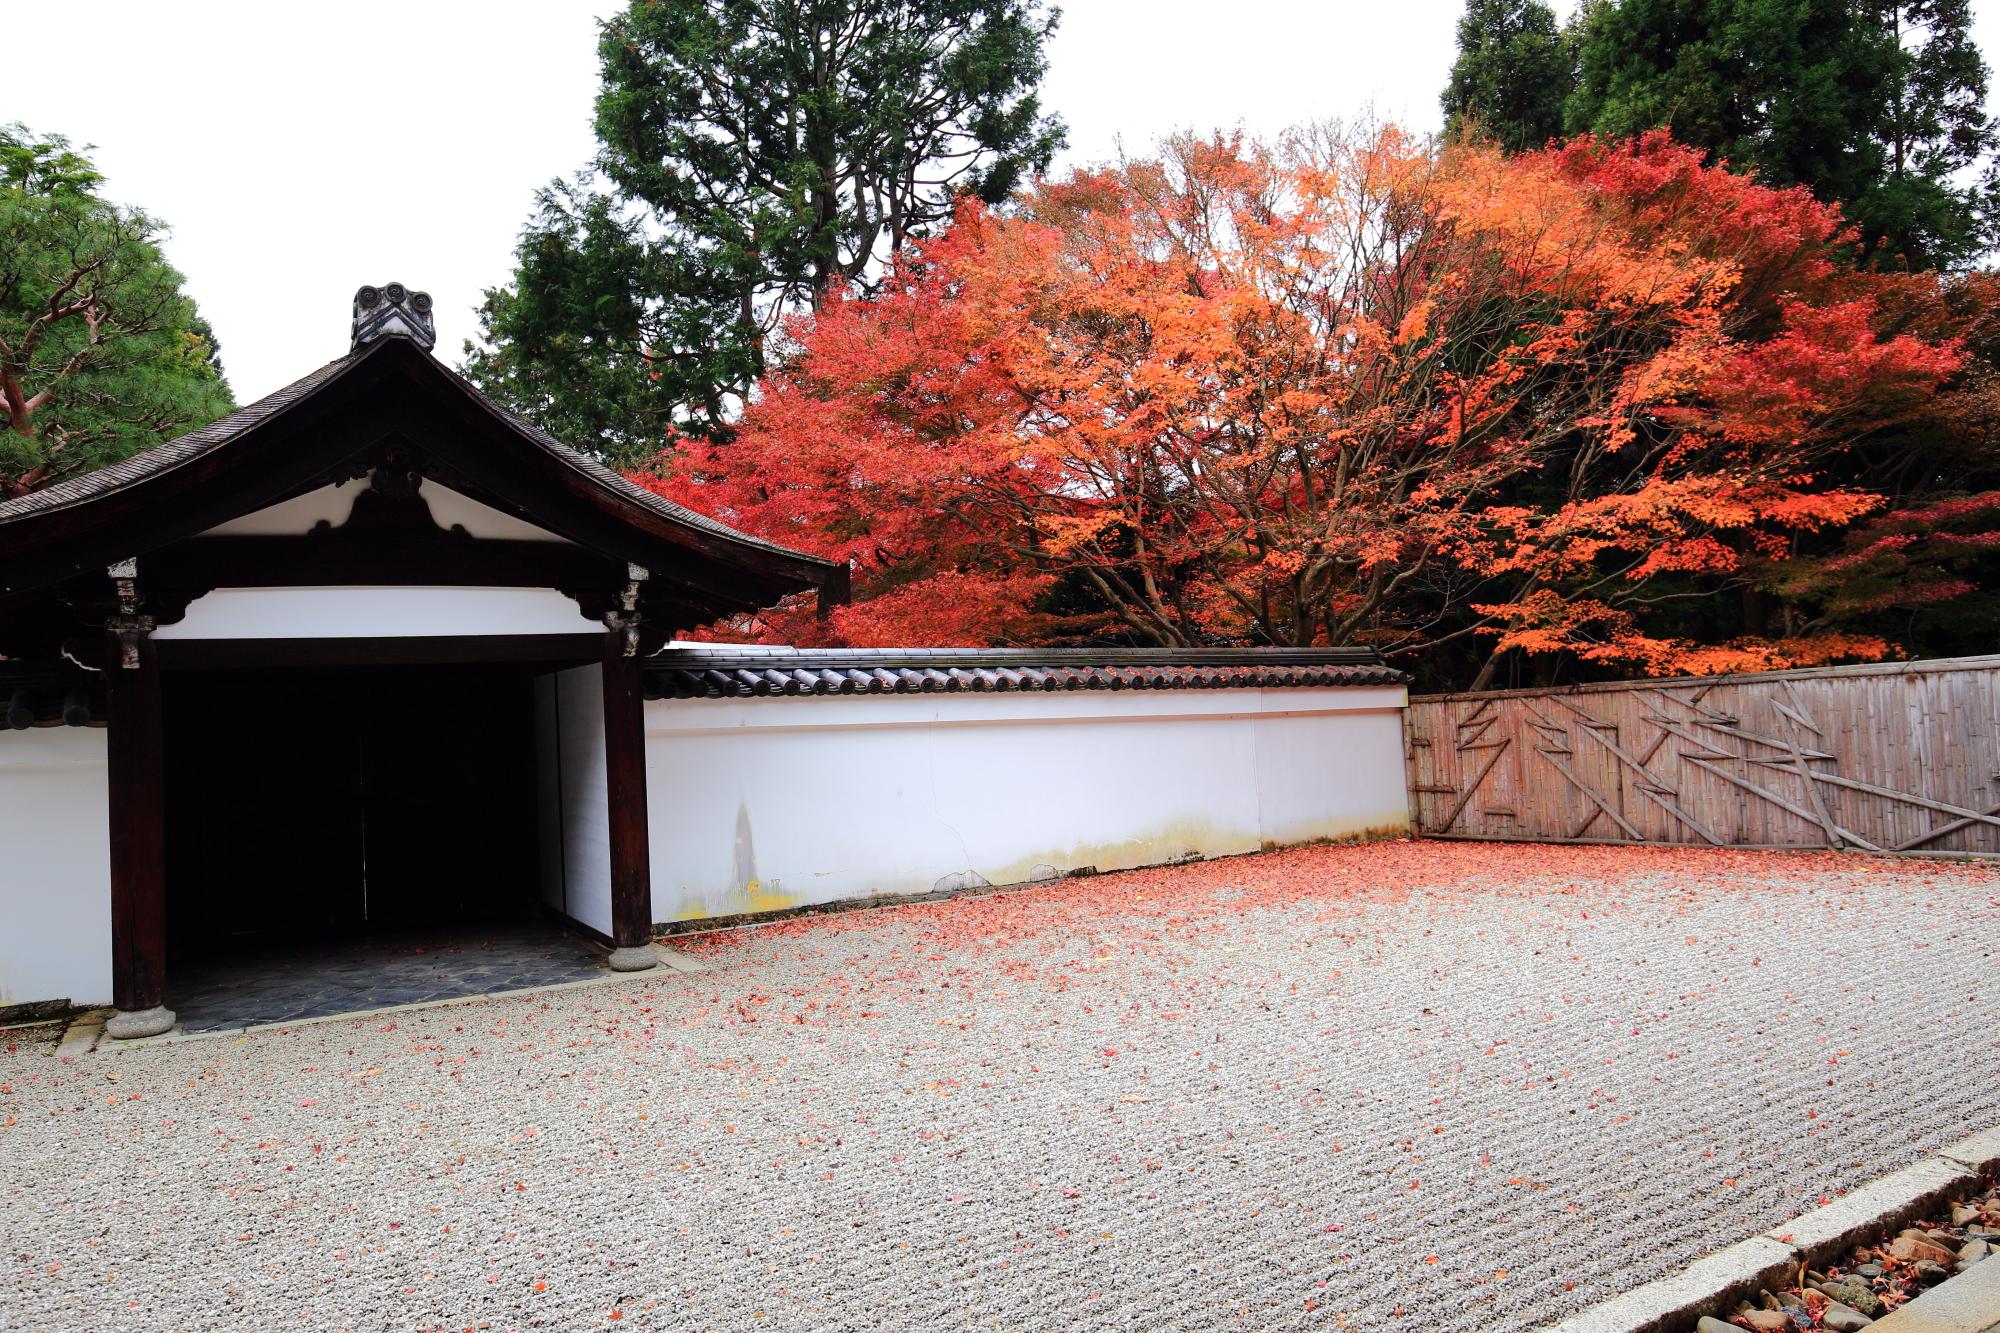 紅葉名所の龍吟庵の南庭「無の庭」の見ごろの紅葉